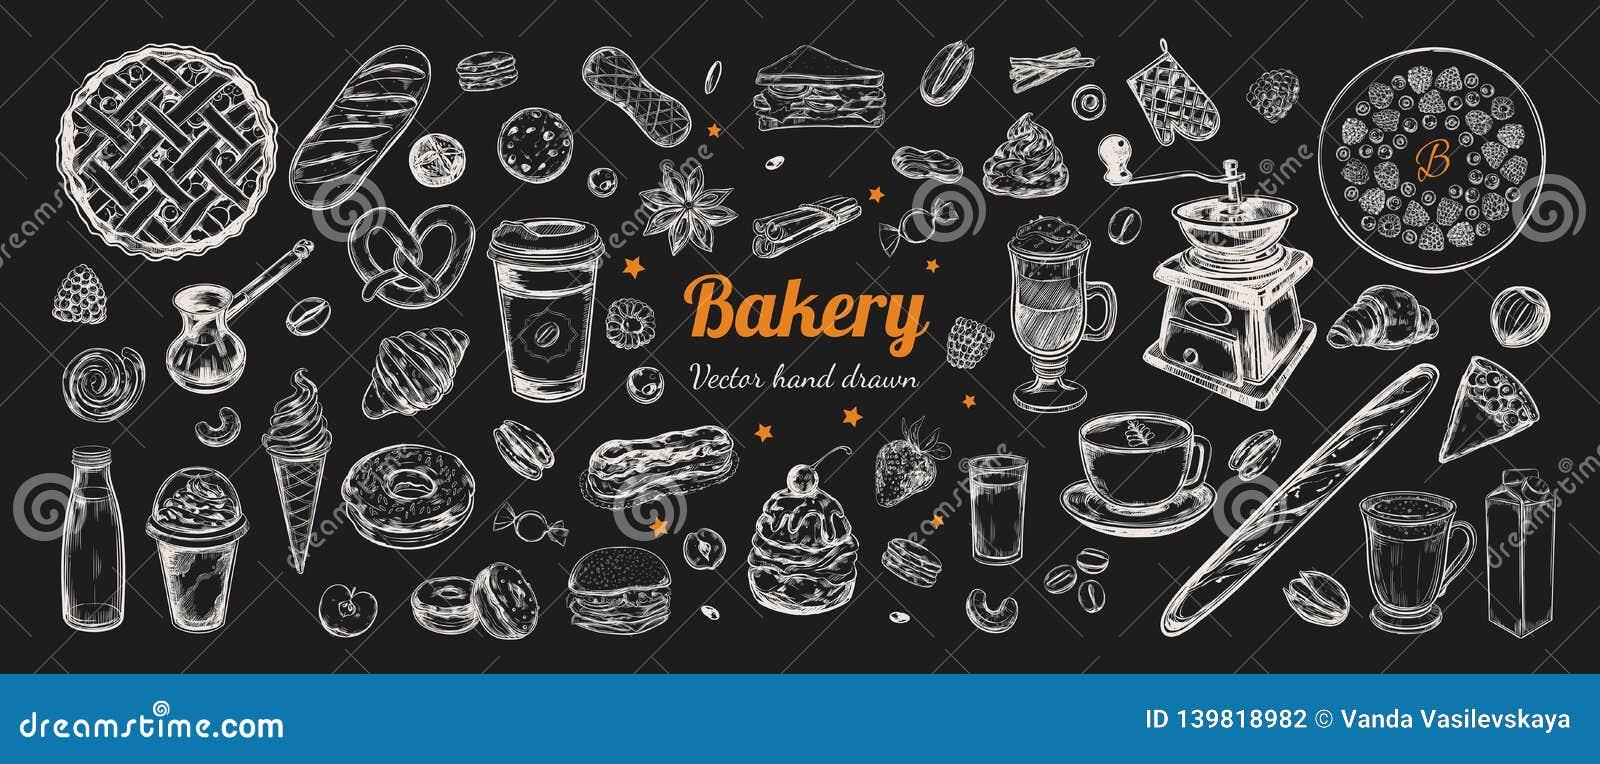 Mão tirada, elementos do vetor do café e da padaria